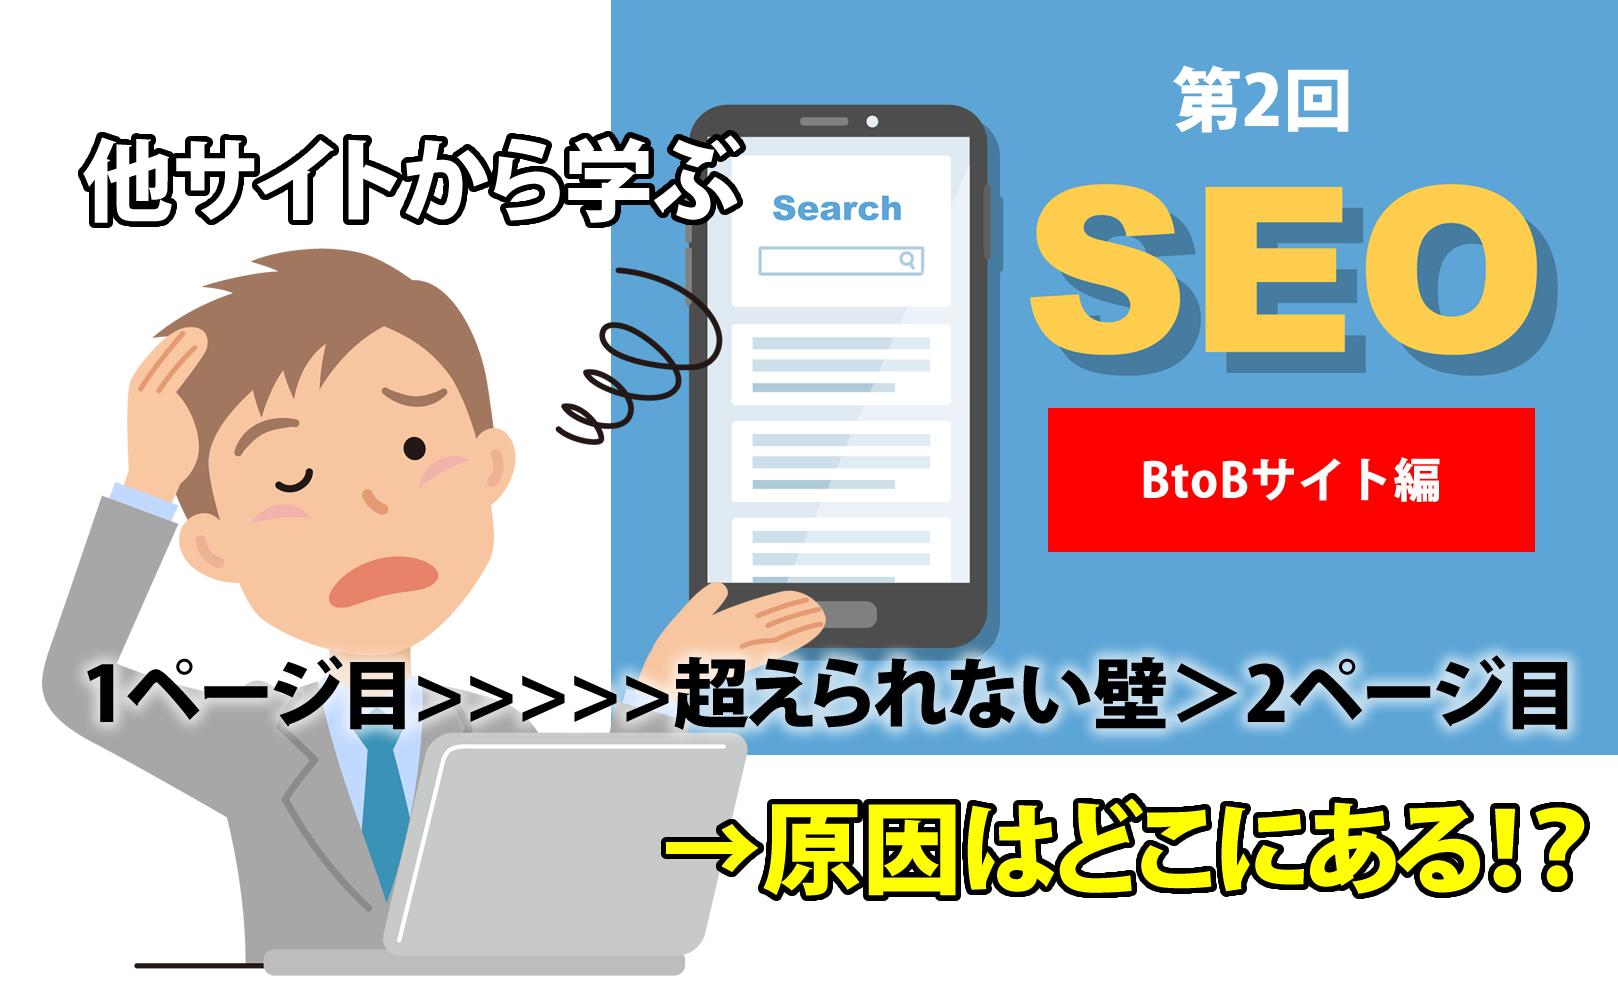 【変革せよ。変革を迫られる前に。】検索順位が2・3ページ目のサイト考察【BtoB編】